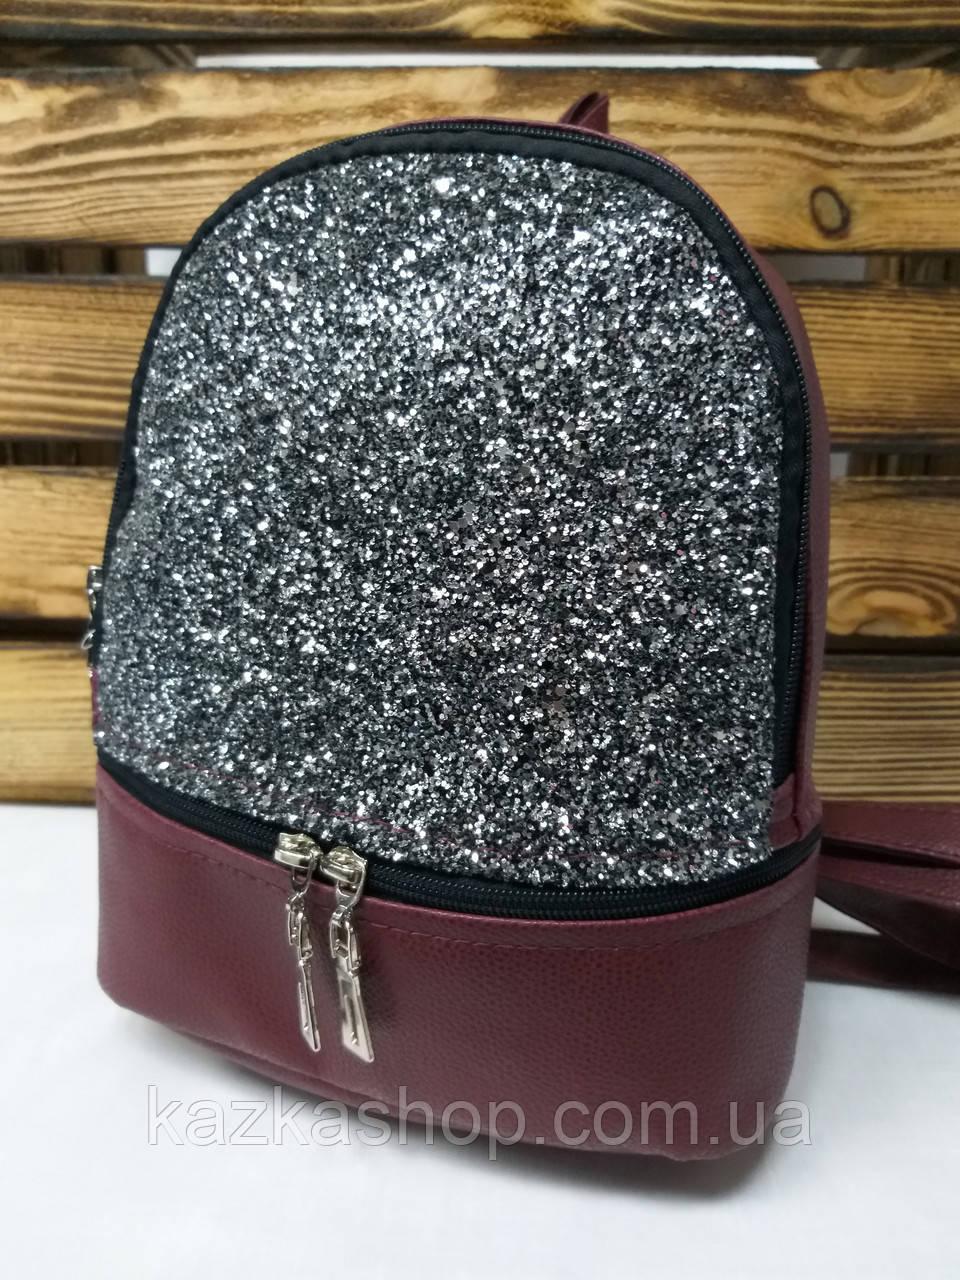 Рюкзак с серебряными блестками, битое стекло, глитер, один отдела, материал кожзам бордового цвета